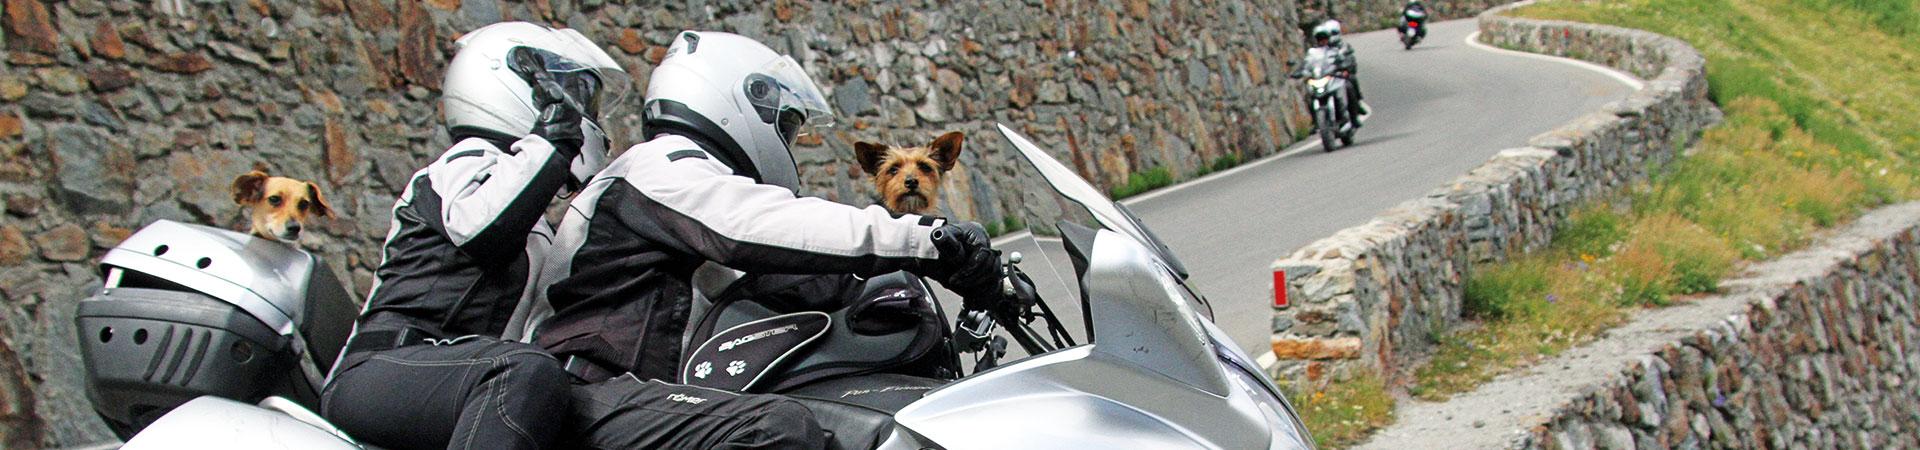 Hunde-auf-Motorrad